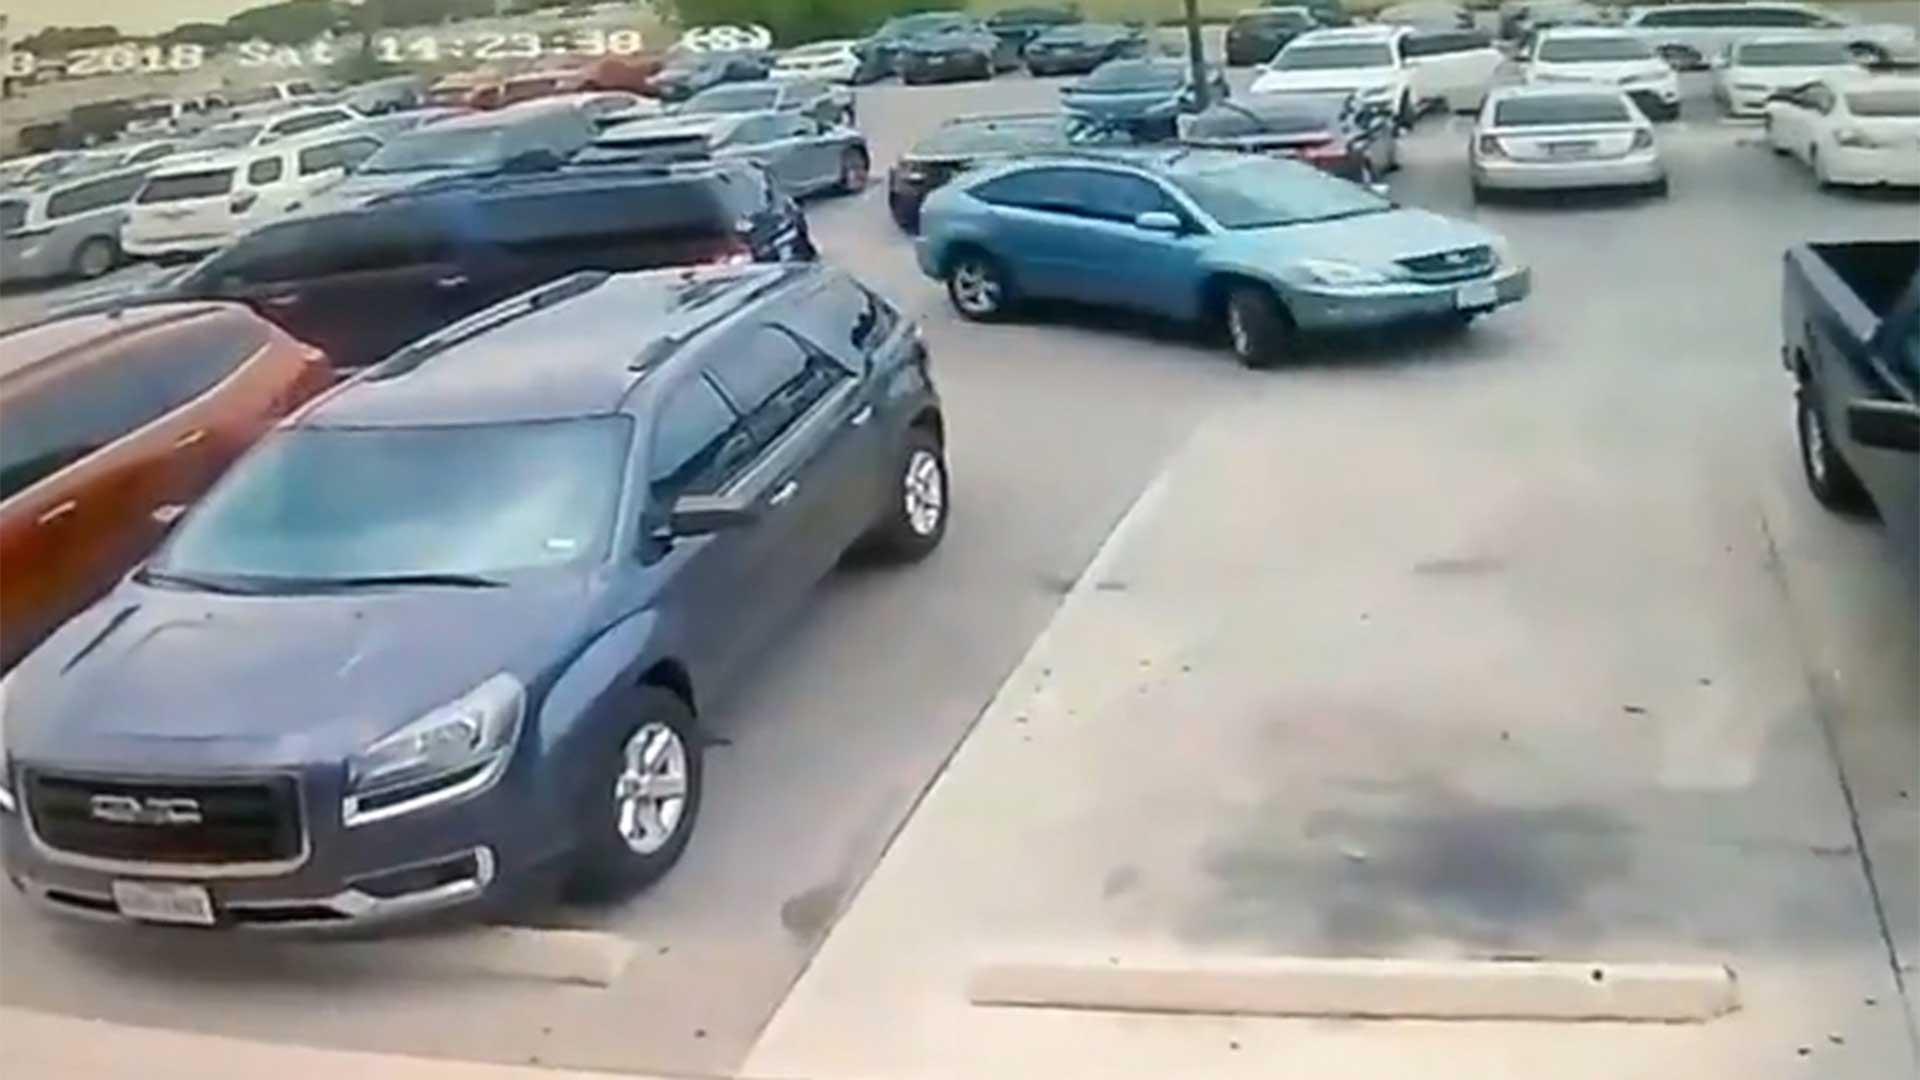 El hombre estaba por aparcar, pero una conductora se le adelantó y estacionó primero